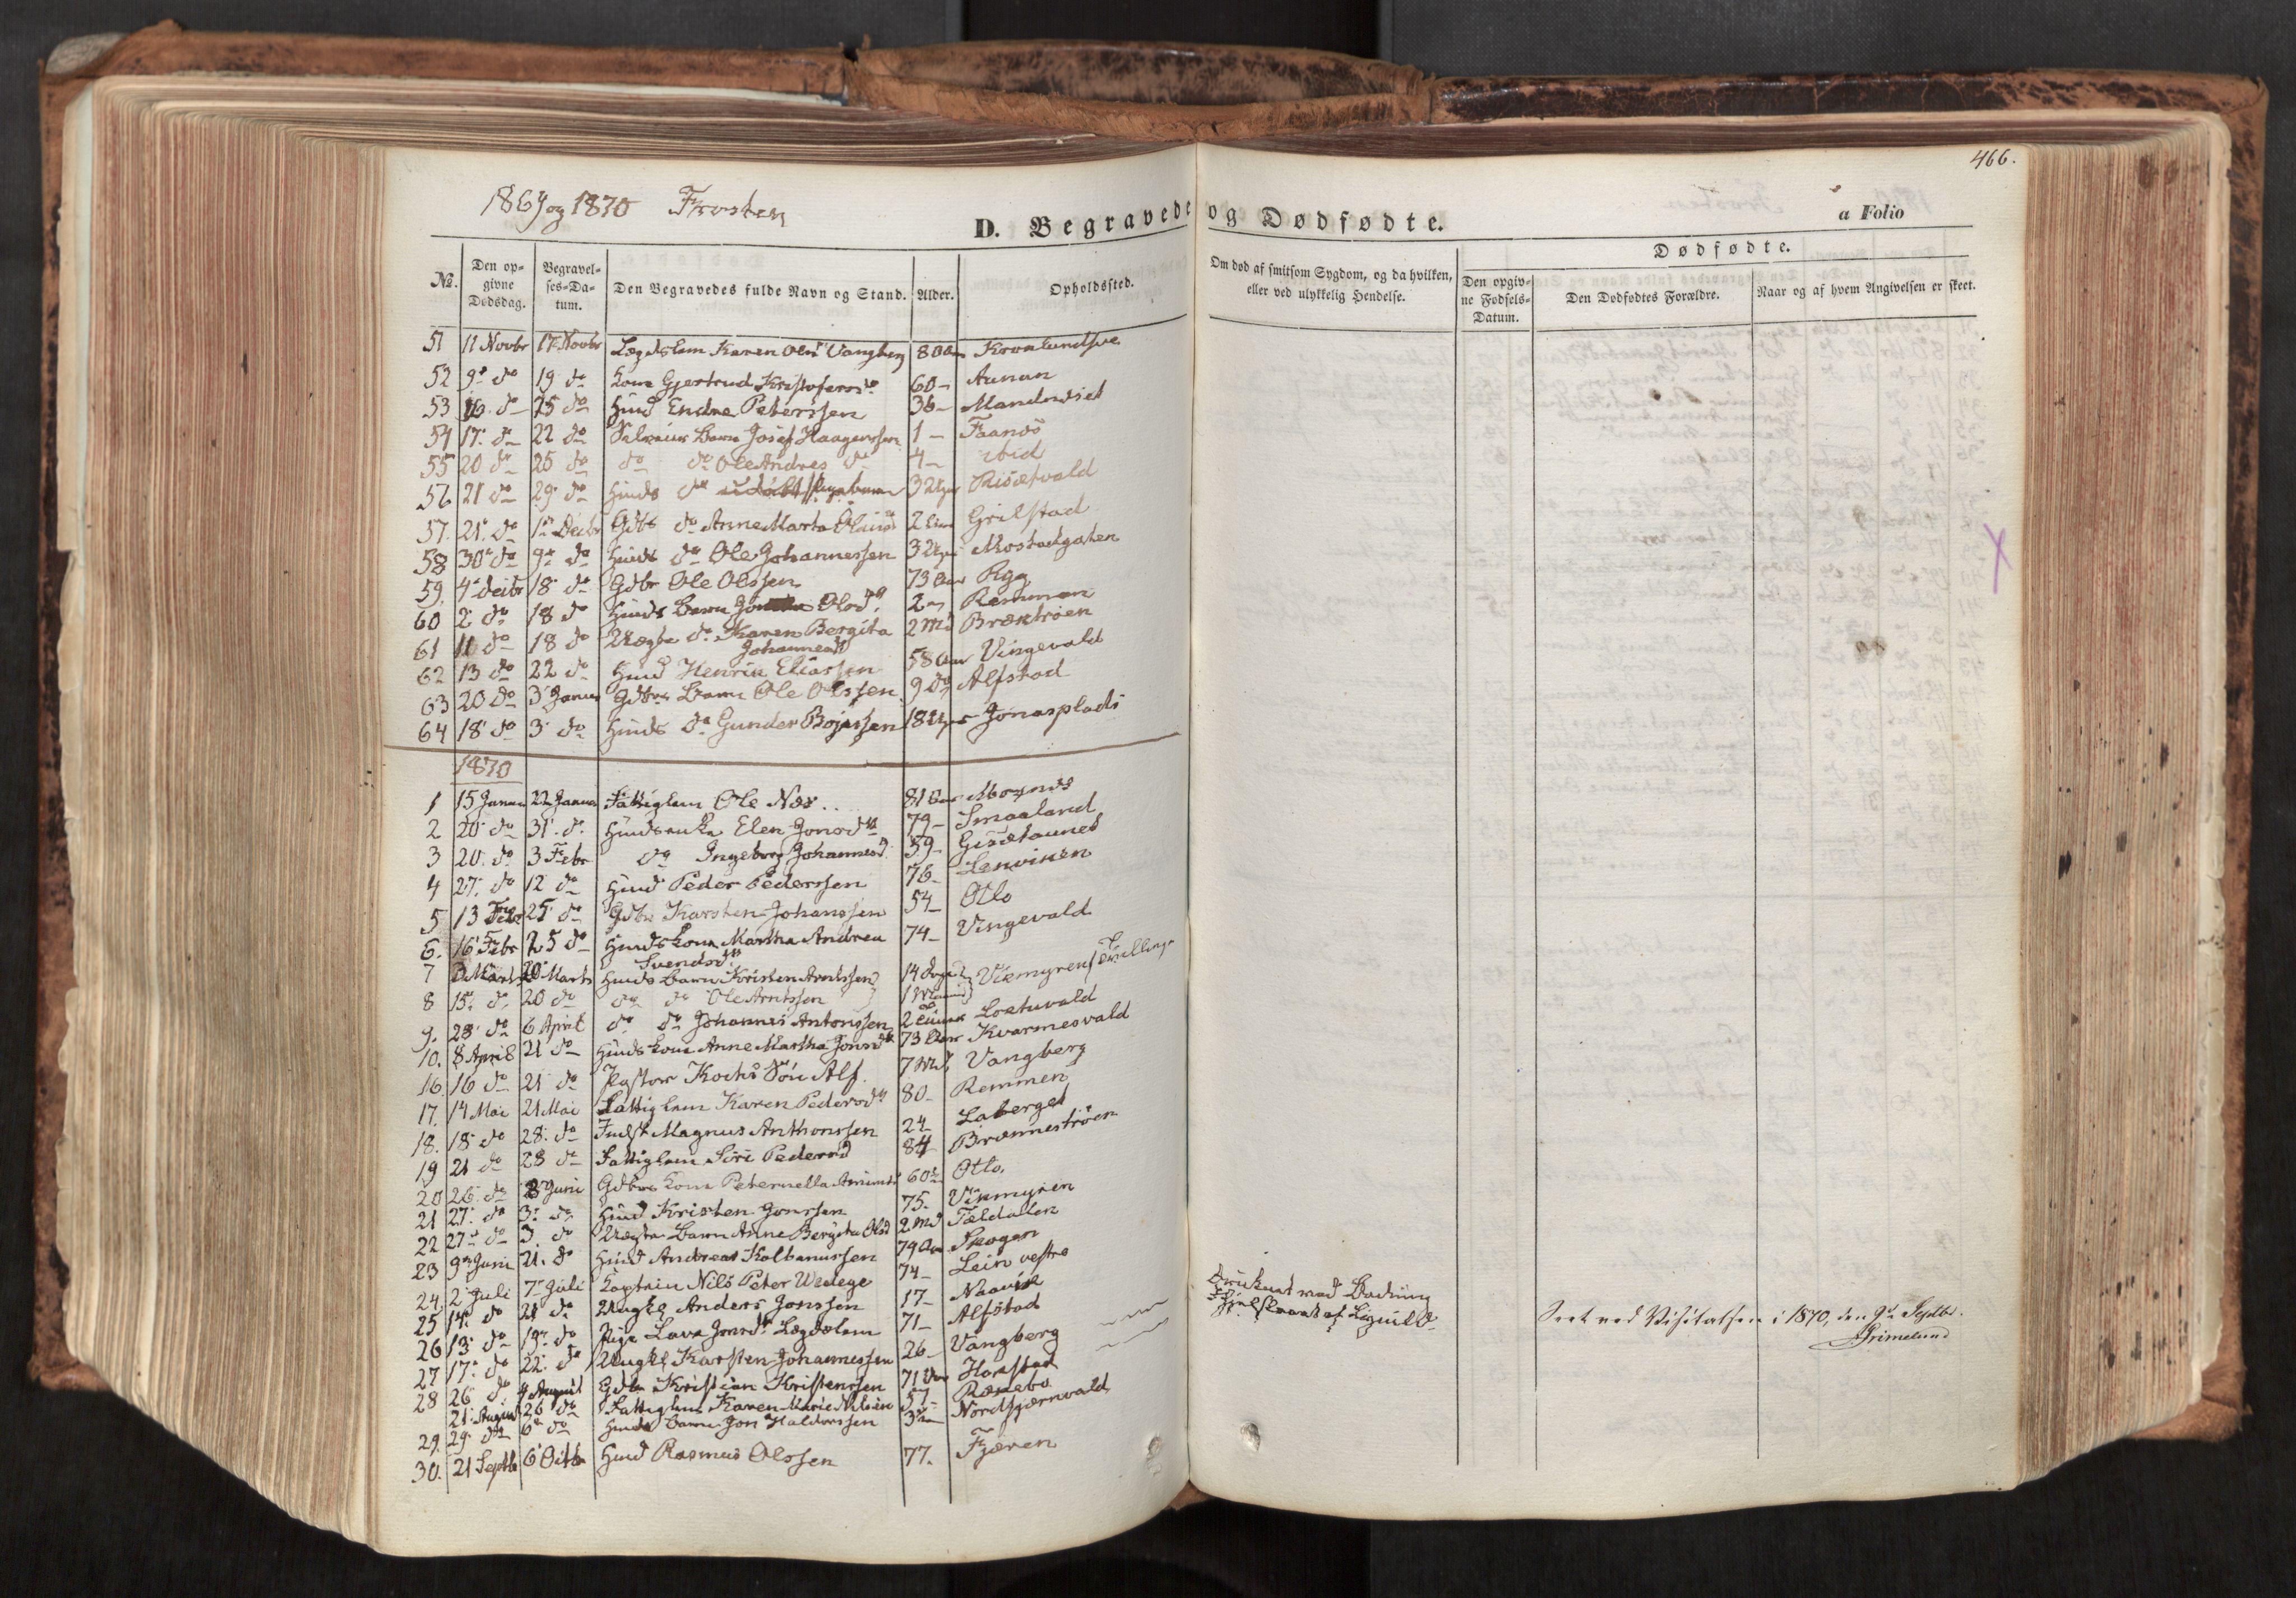 SAT, Ministerialprotokoller, klokkerbøker og fødselsregistre - Nord-Trøndelag, 713/L0116: Ministerialbok nr. 713A07, 1850-1877, s. 466